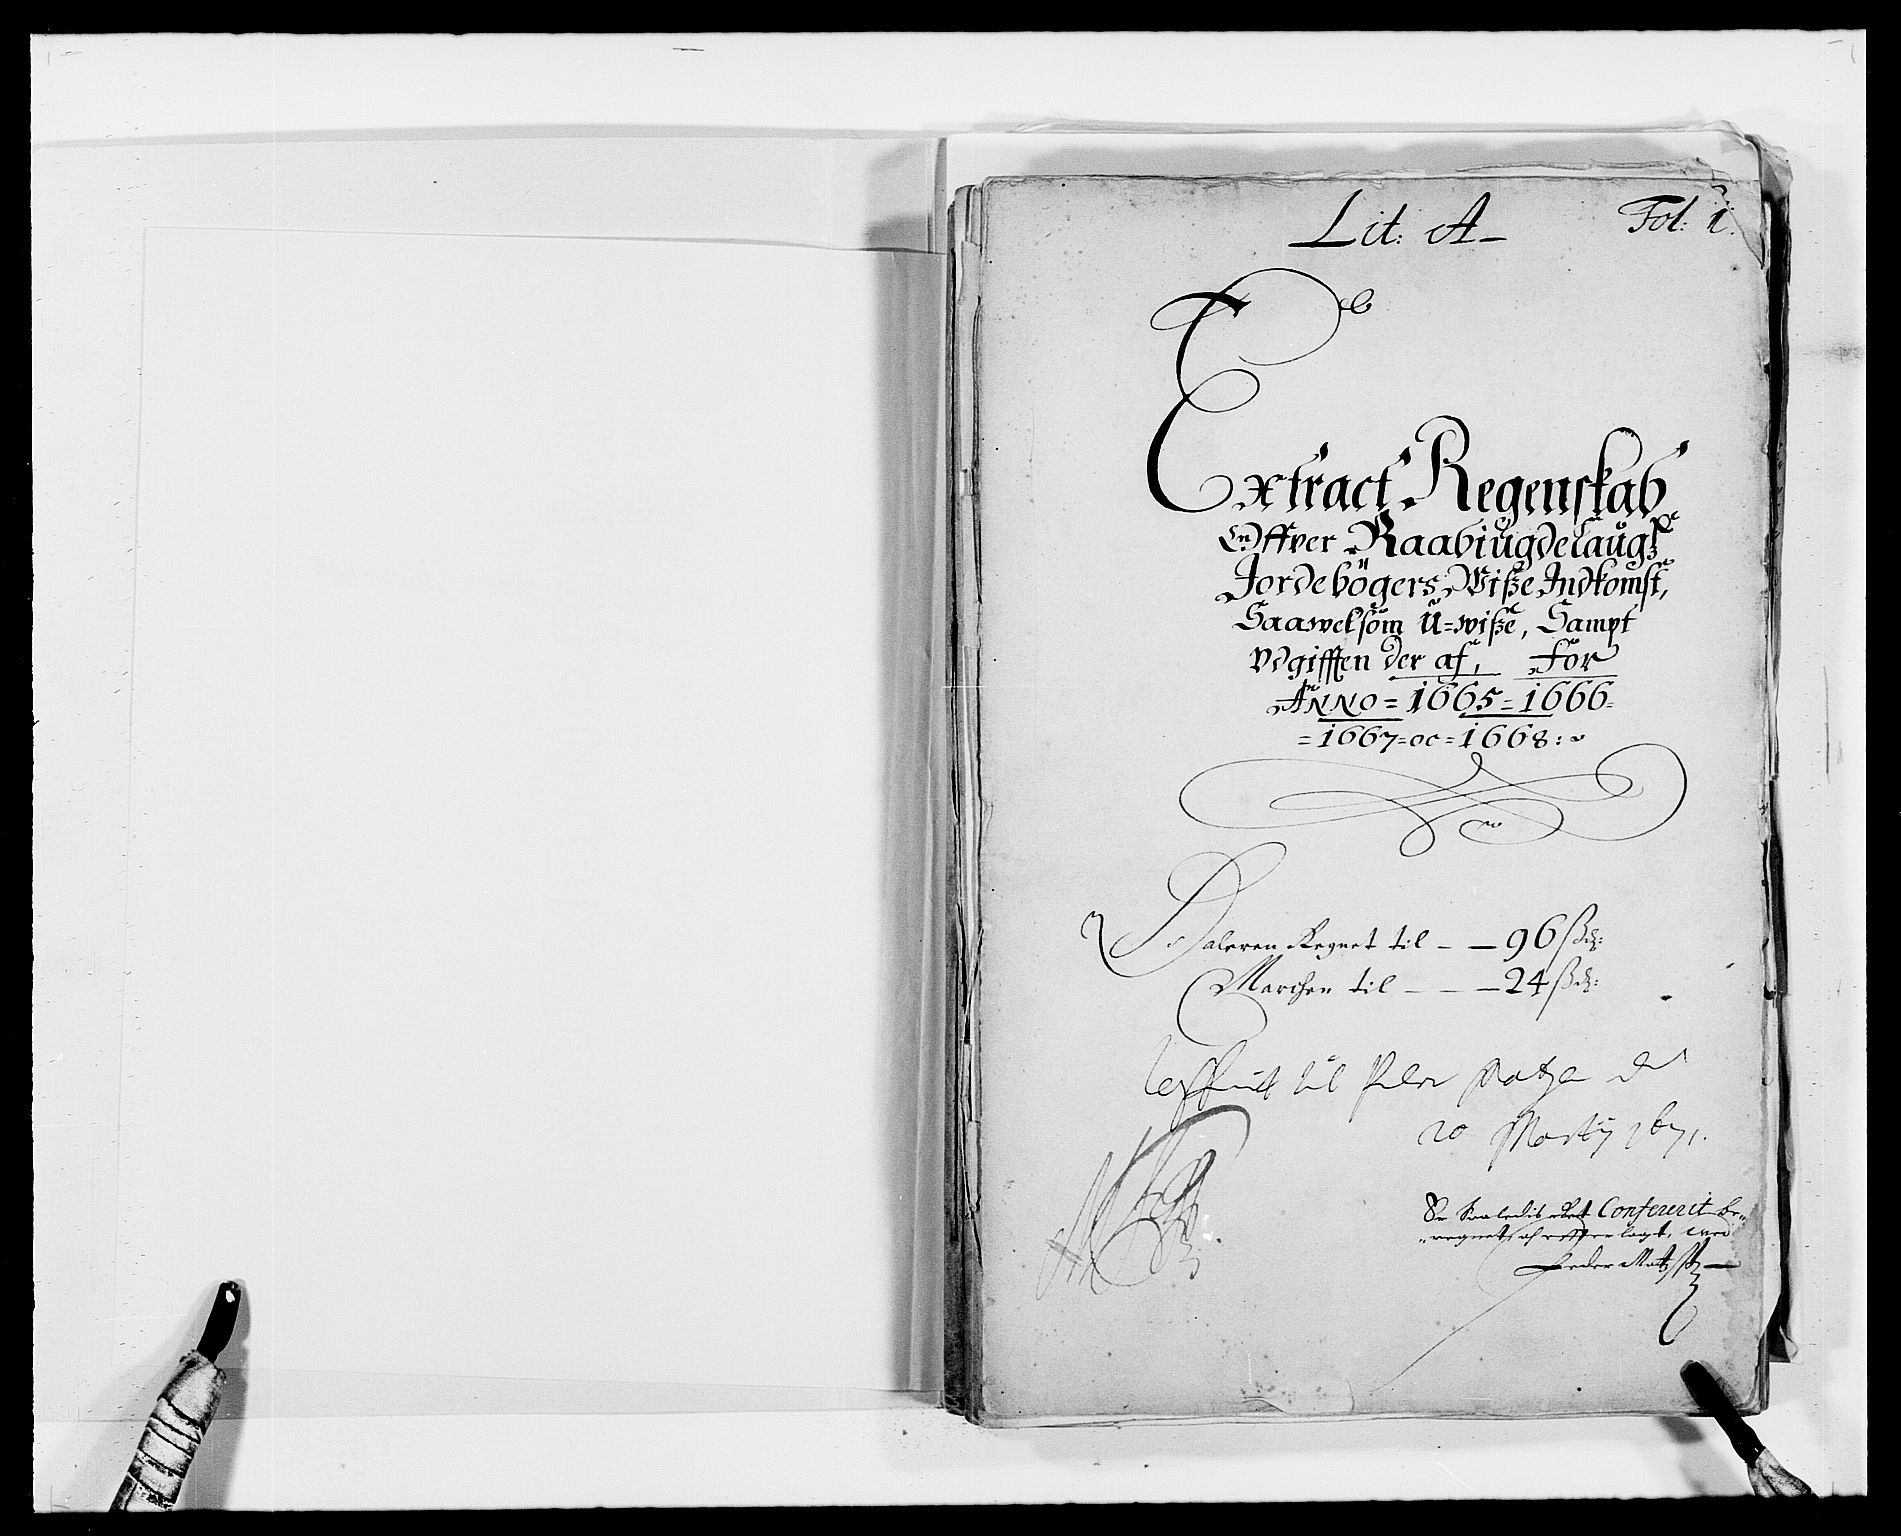 RA, Rentekammeret inntil 1814, Reviderte regnskaper, Fogderegnskap, R40/L2431: Fogderegnskap Råbyggelag, 1664-1668, s. 94